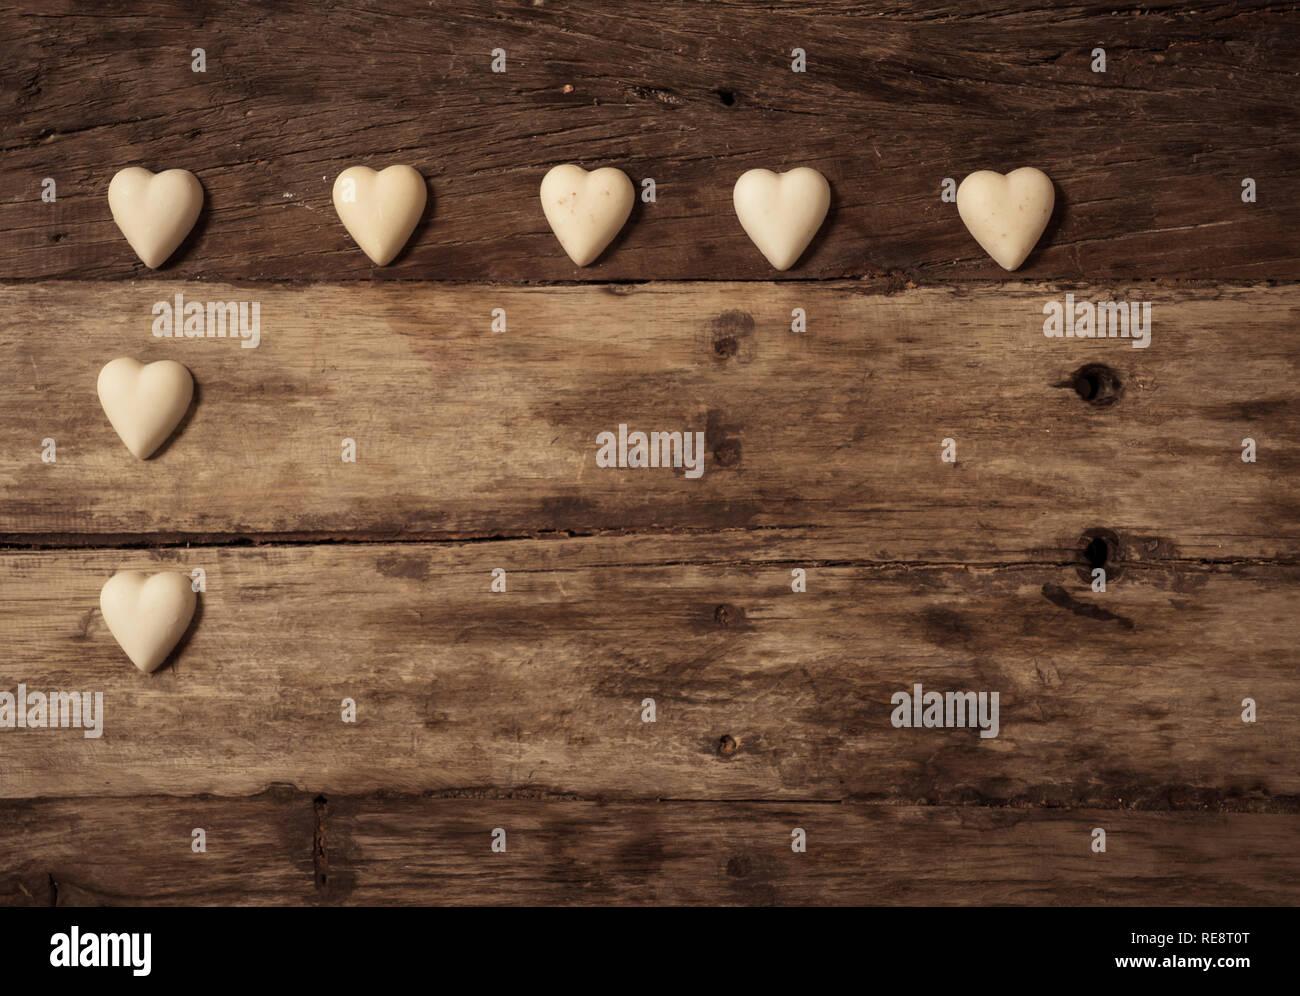 Composición De Los Enamorados Corazones De Chocolate Blanco Y Negro